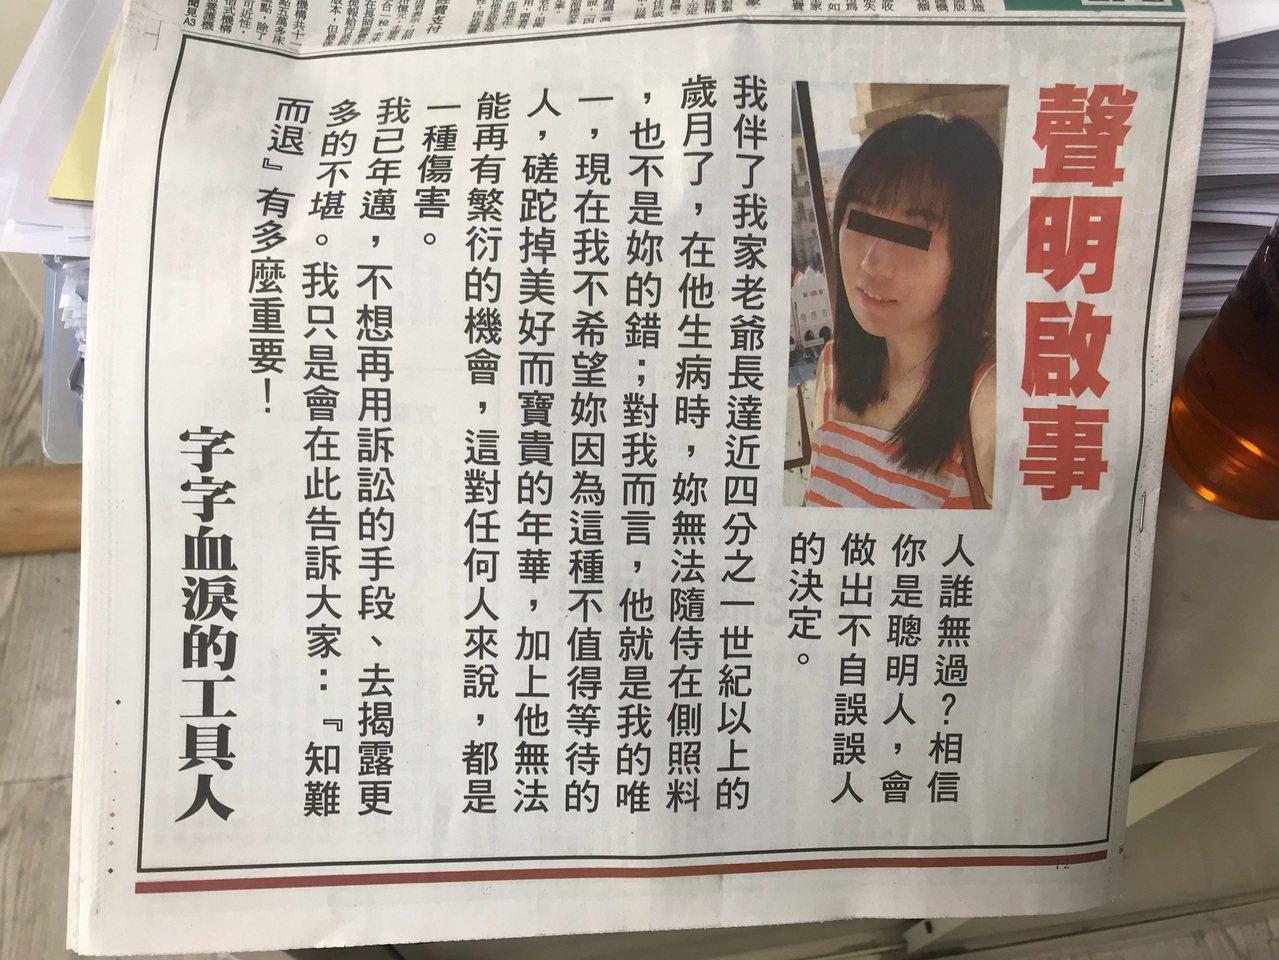 一名自稱「字字血淚的工具人」連兩天在媒體頭版刊登廣告嗆小三。記者葉冠妤╱攝影